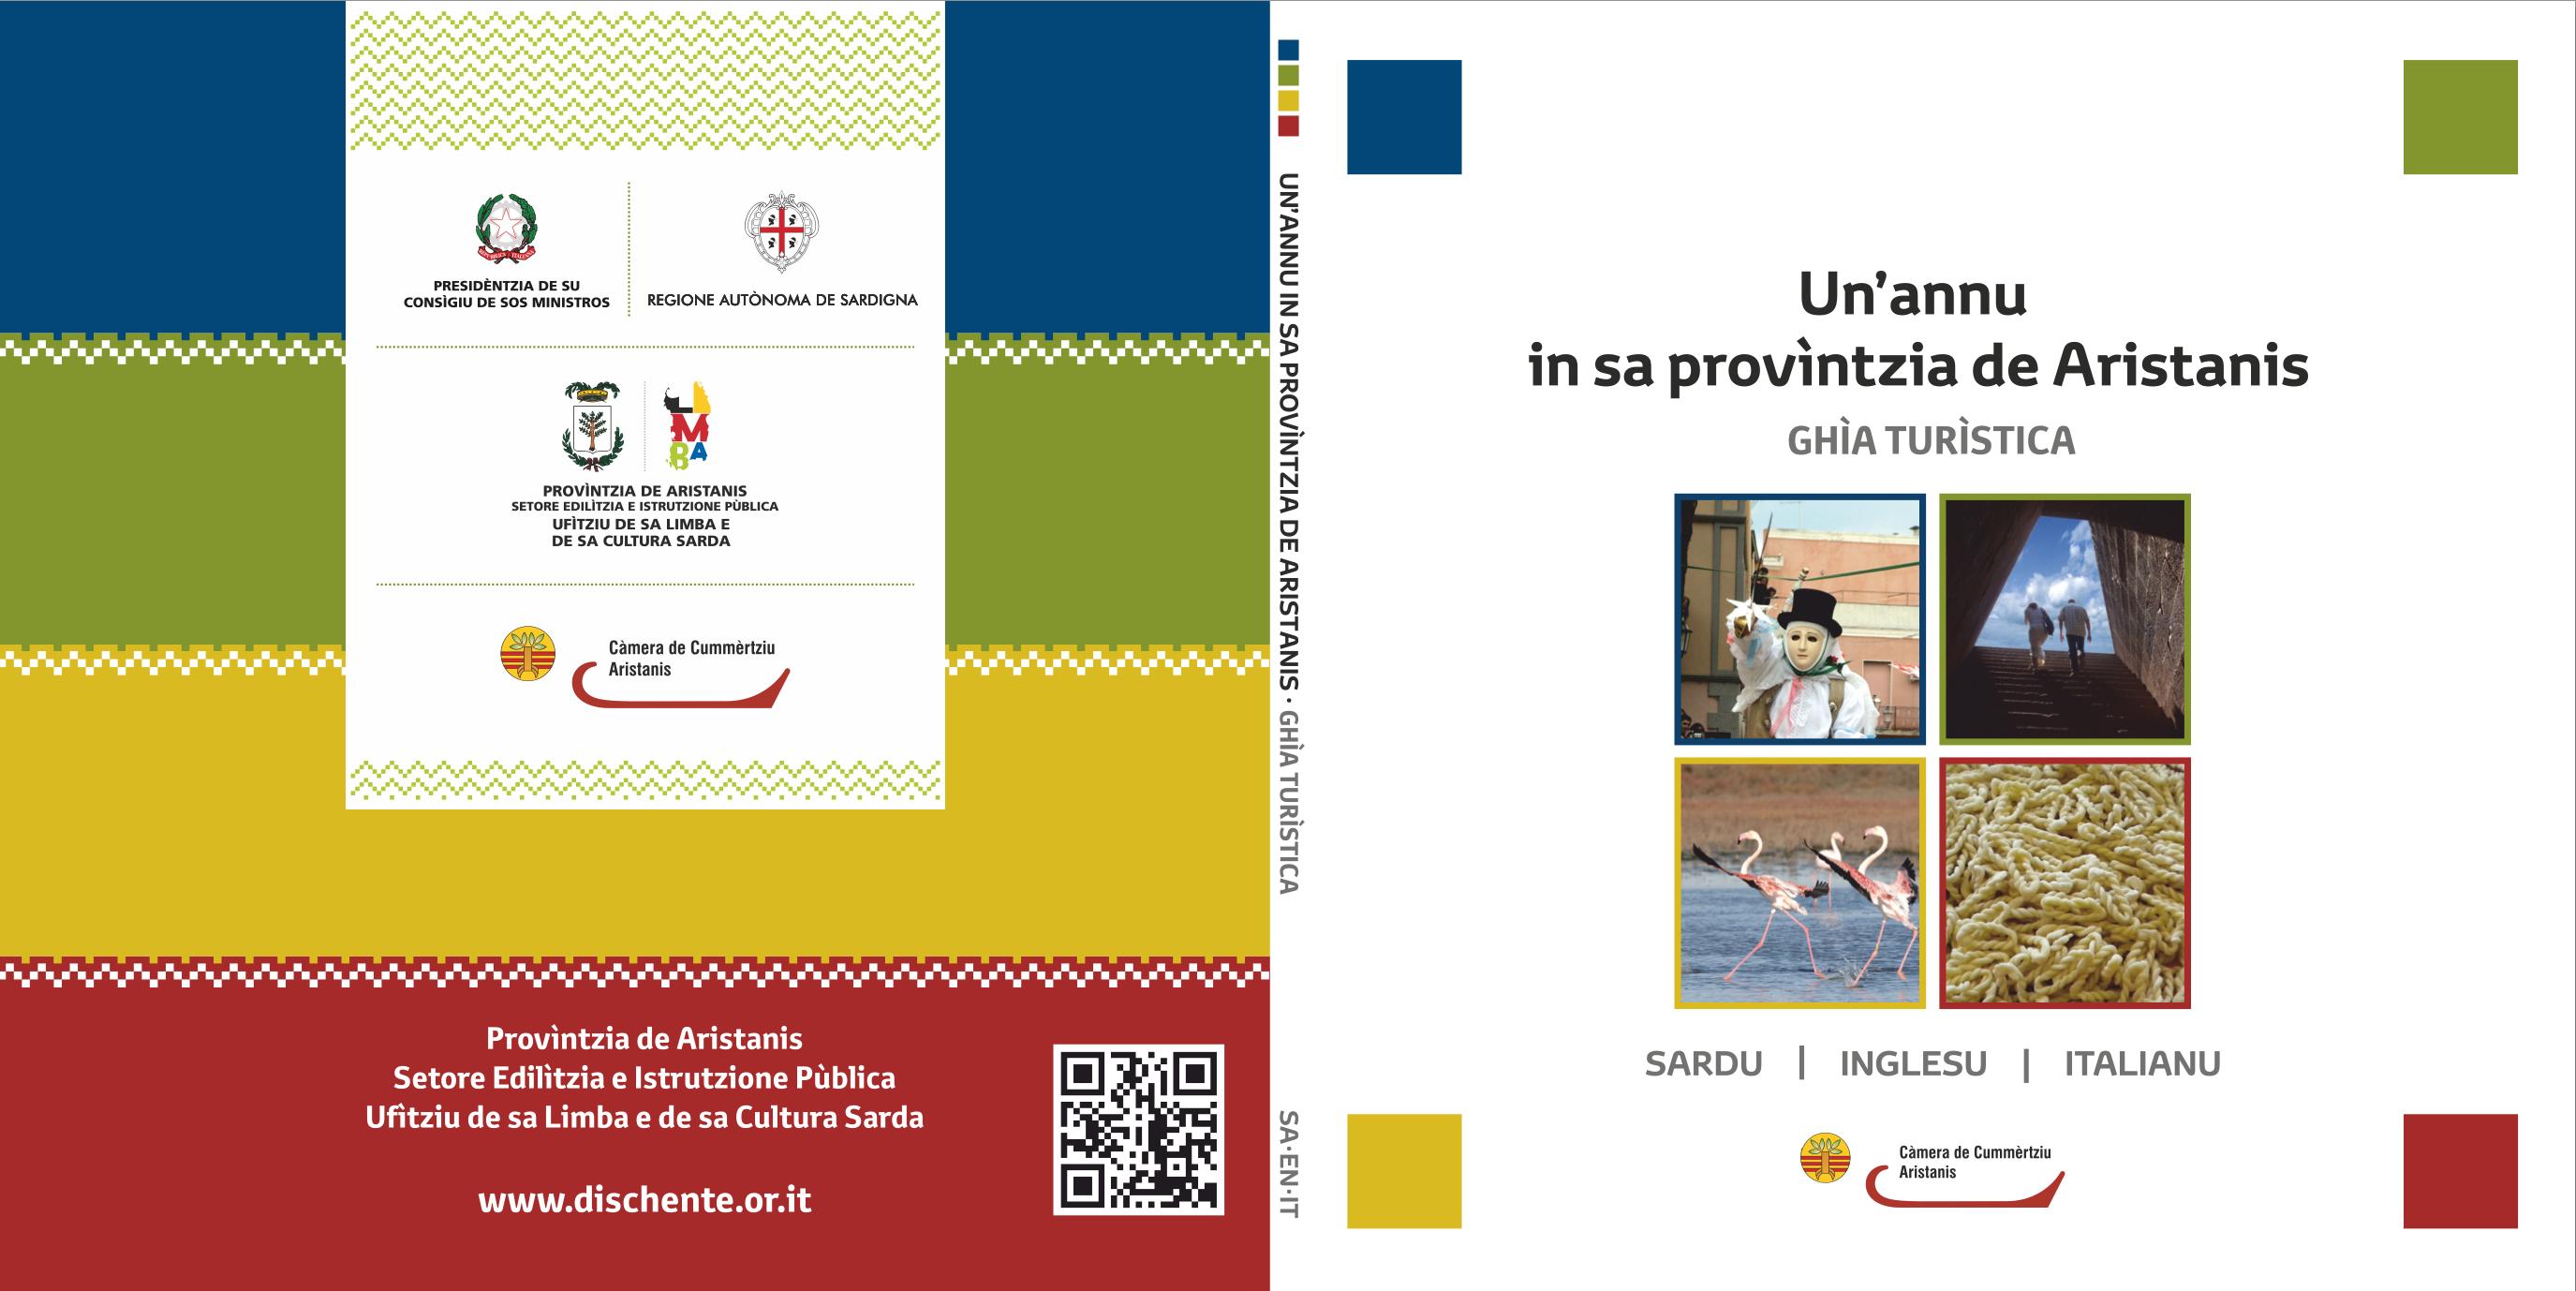 Pubblicazione_Un'annu_in_provìntzia_de_Aristanis